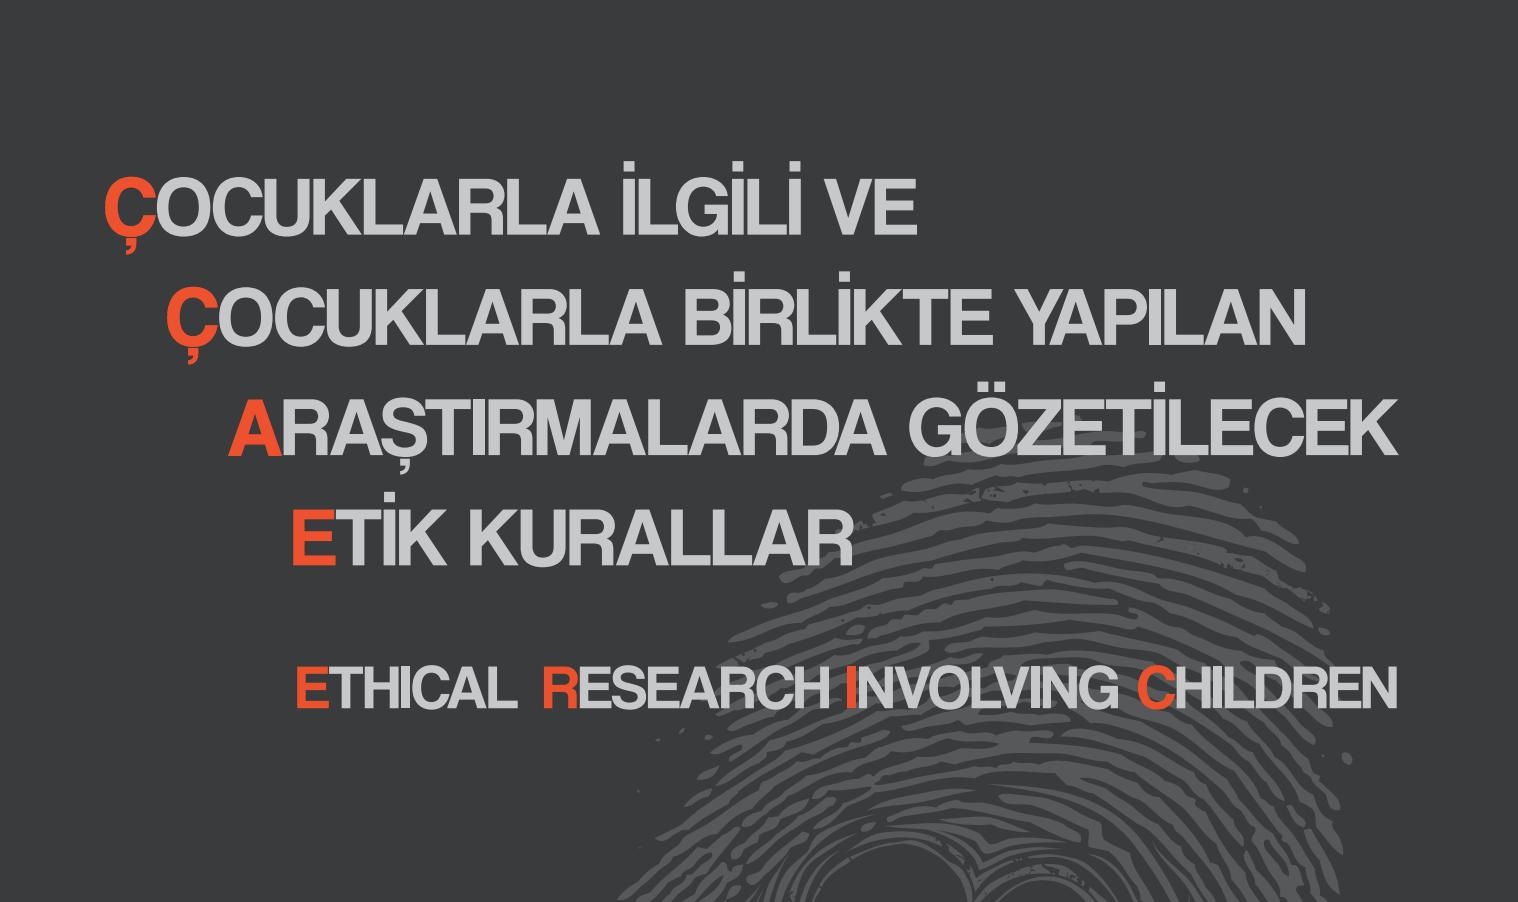 Çocuklarla ilgili ve Çocuklarla Birlikte Yapılan Araştırmalarda Gözetilecek Etik Kurallar